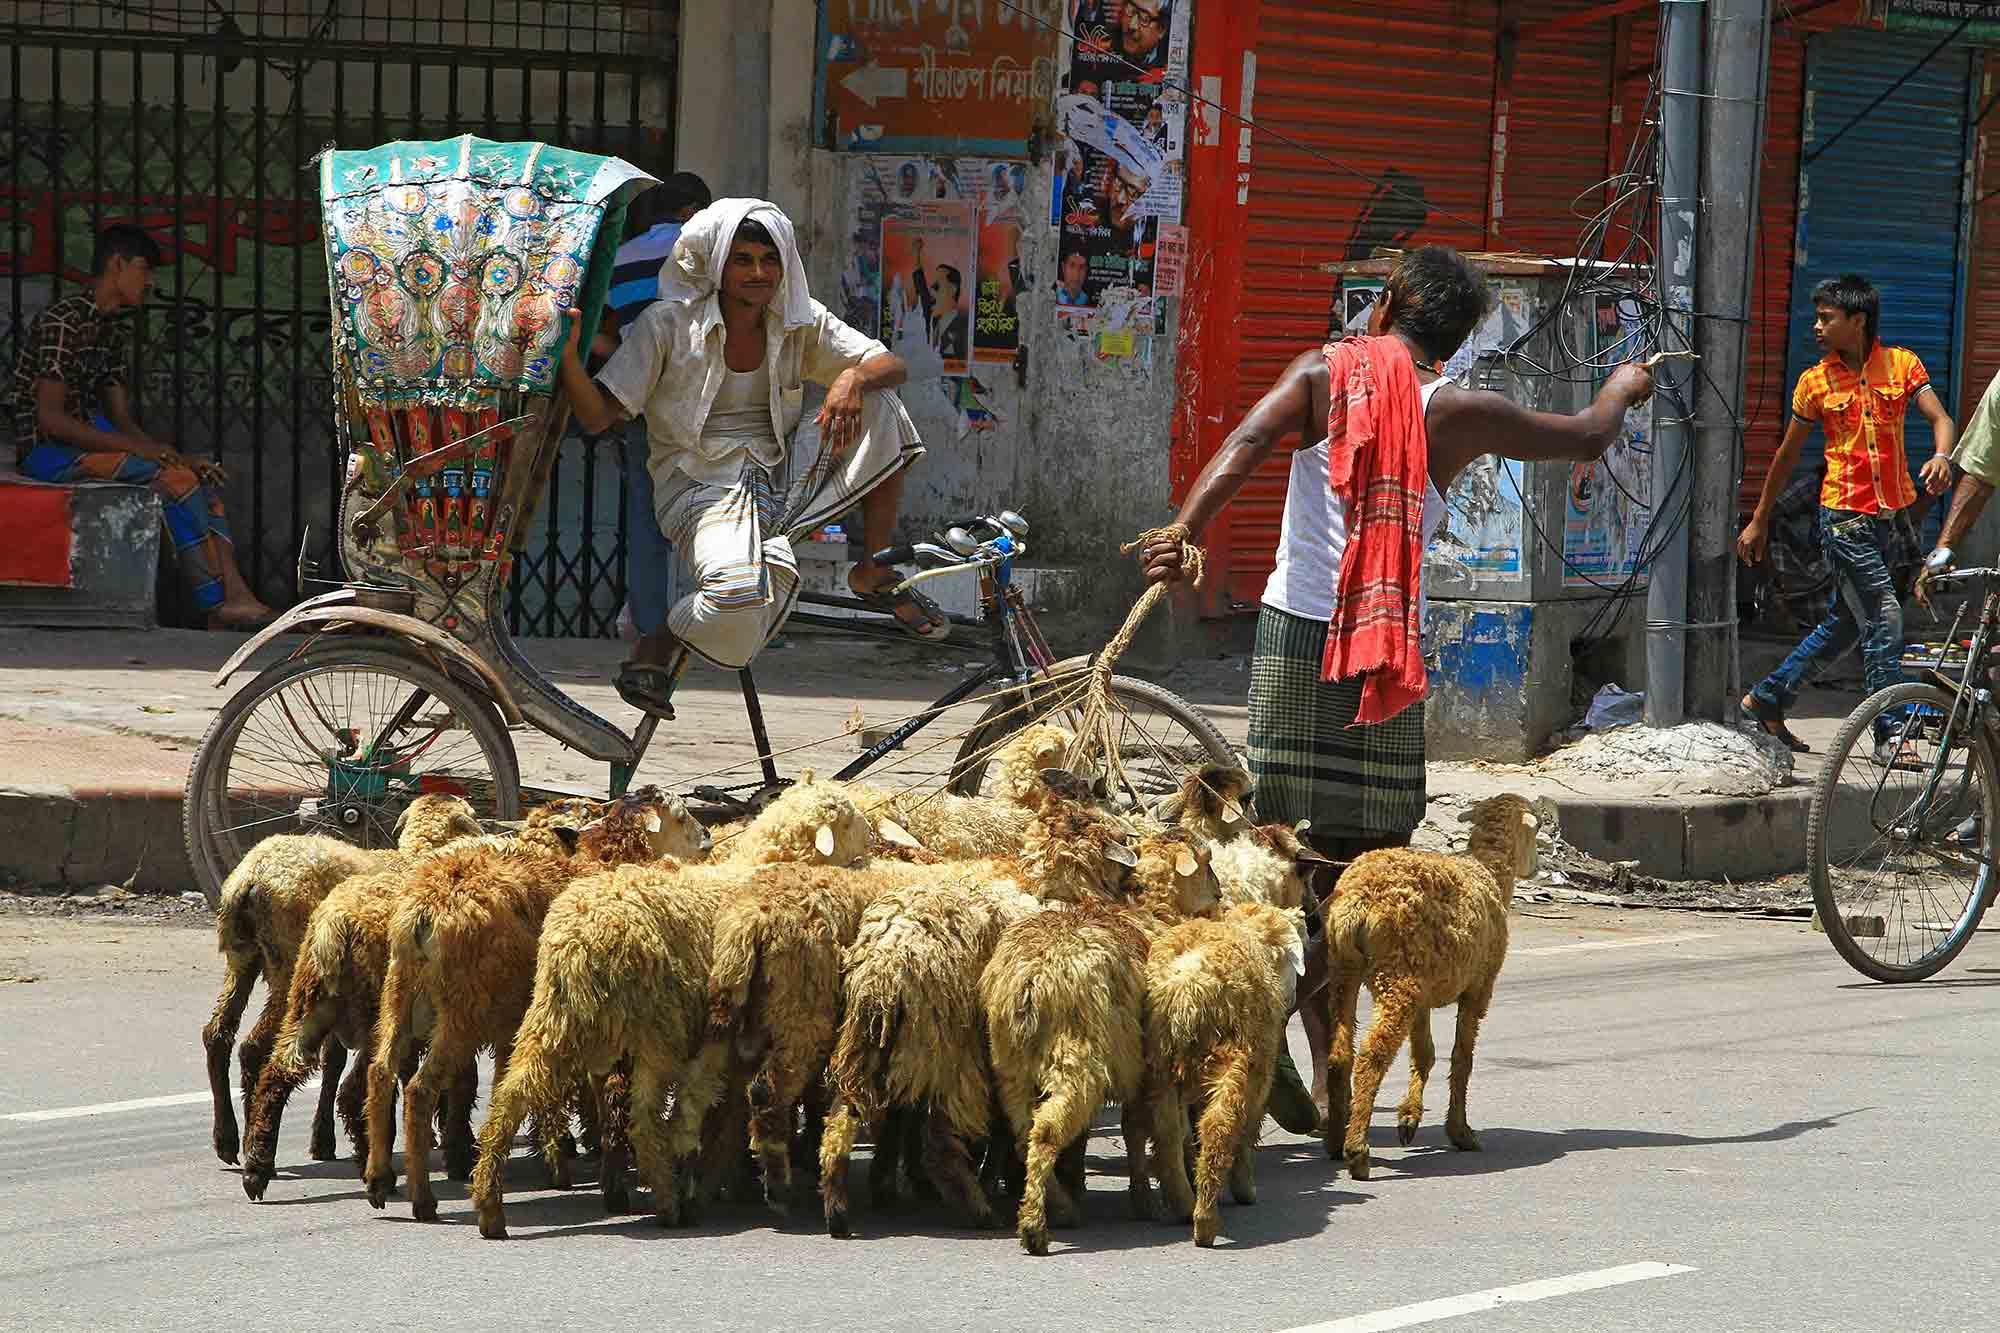 Street scene in Dhaka. © Ulli Maier & Nisa Maier